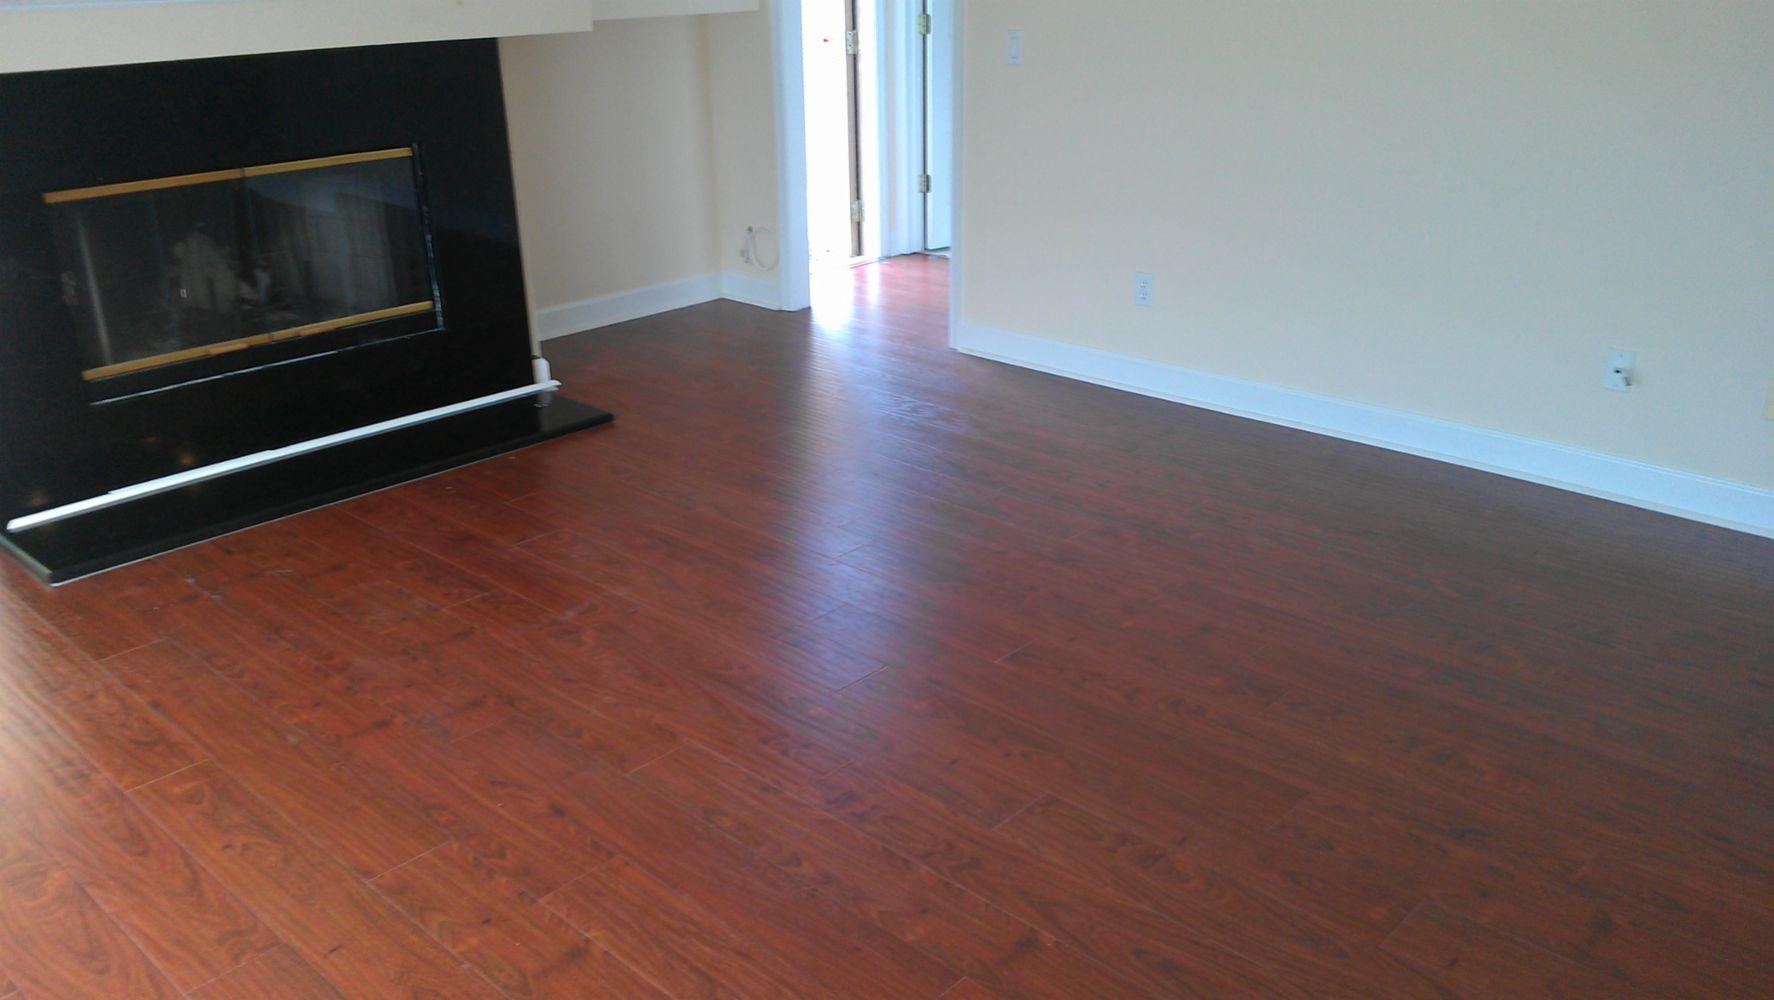 Flooring experts in brandon fl my floor connection for My floor